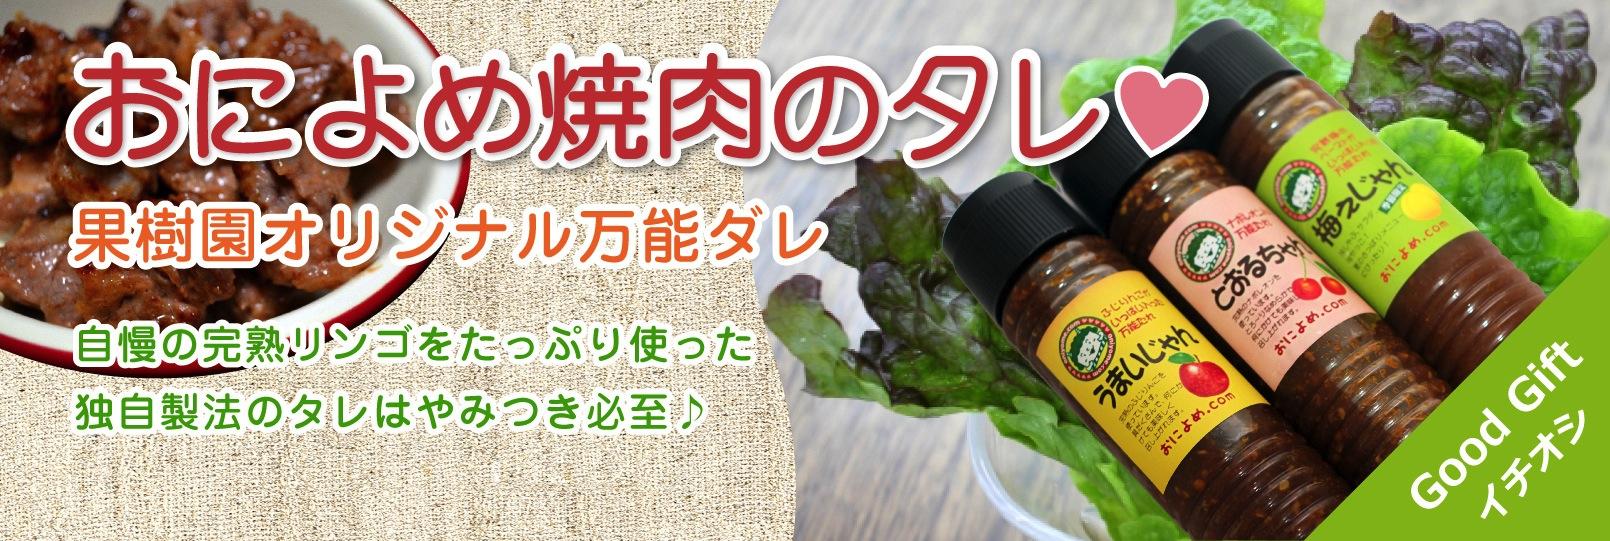 おによめ焼肉のタレ(万能タレ)